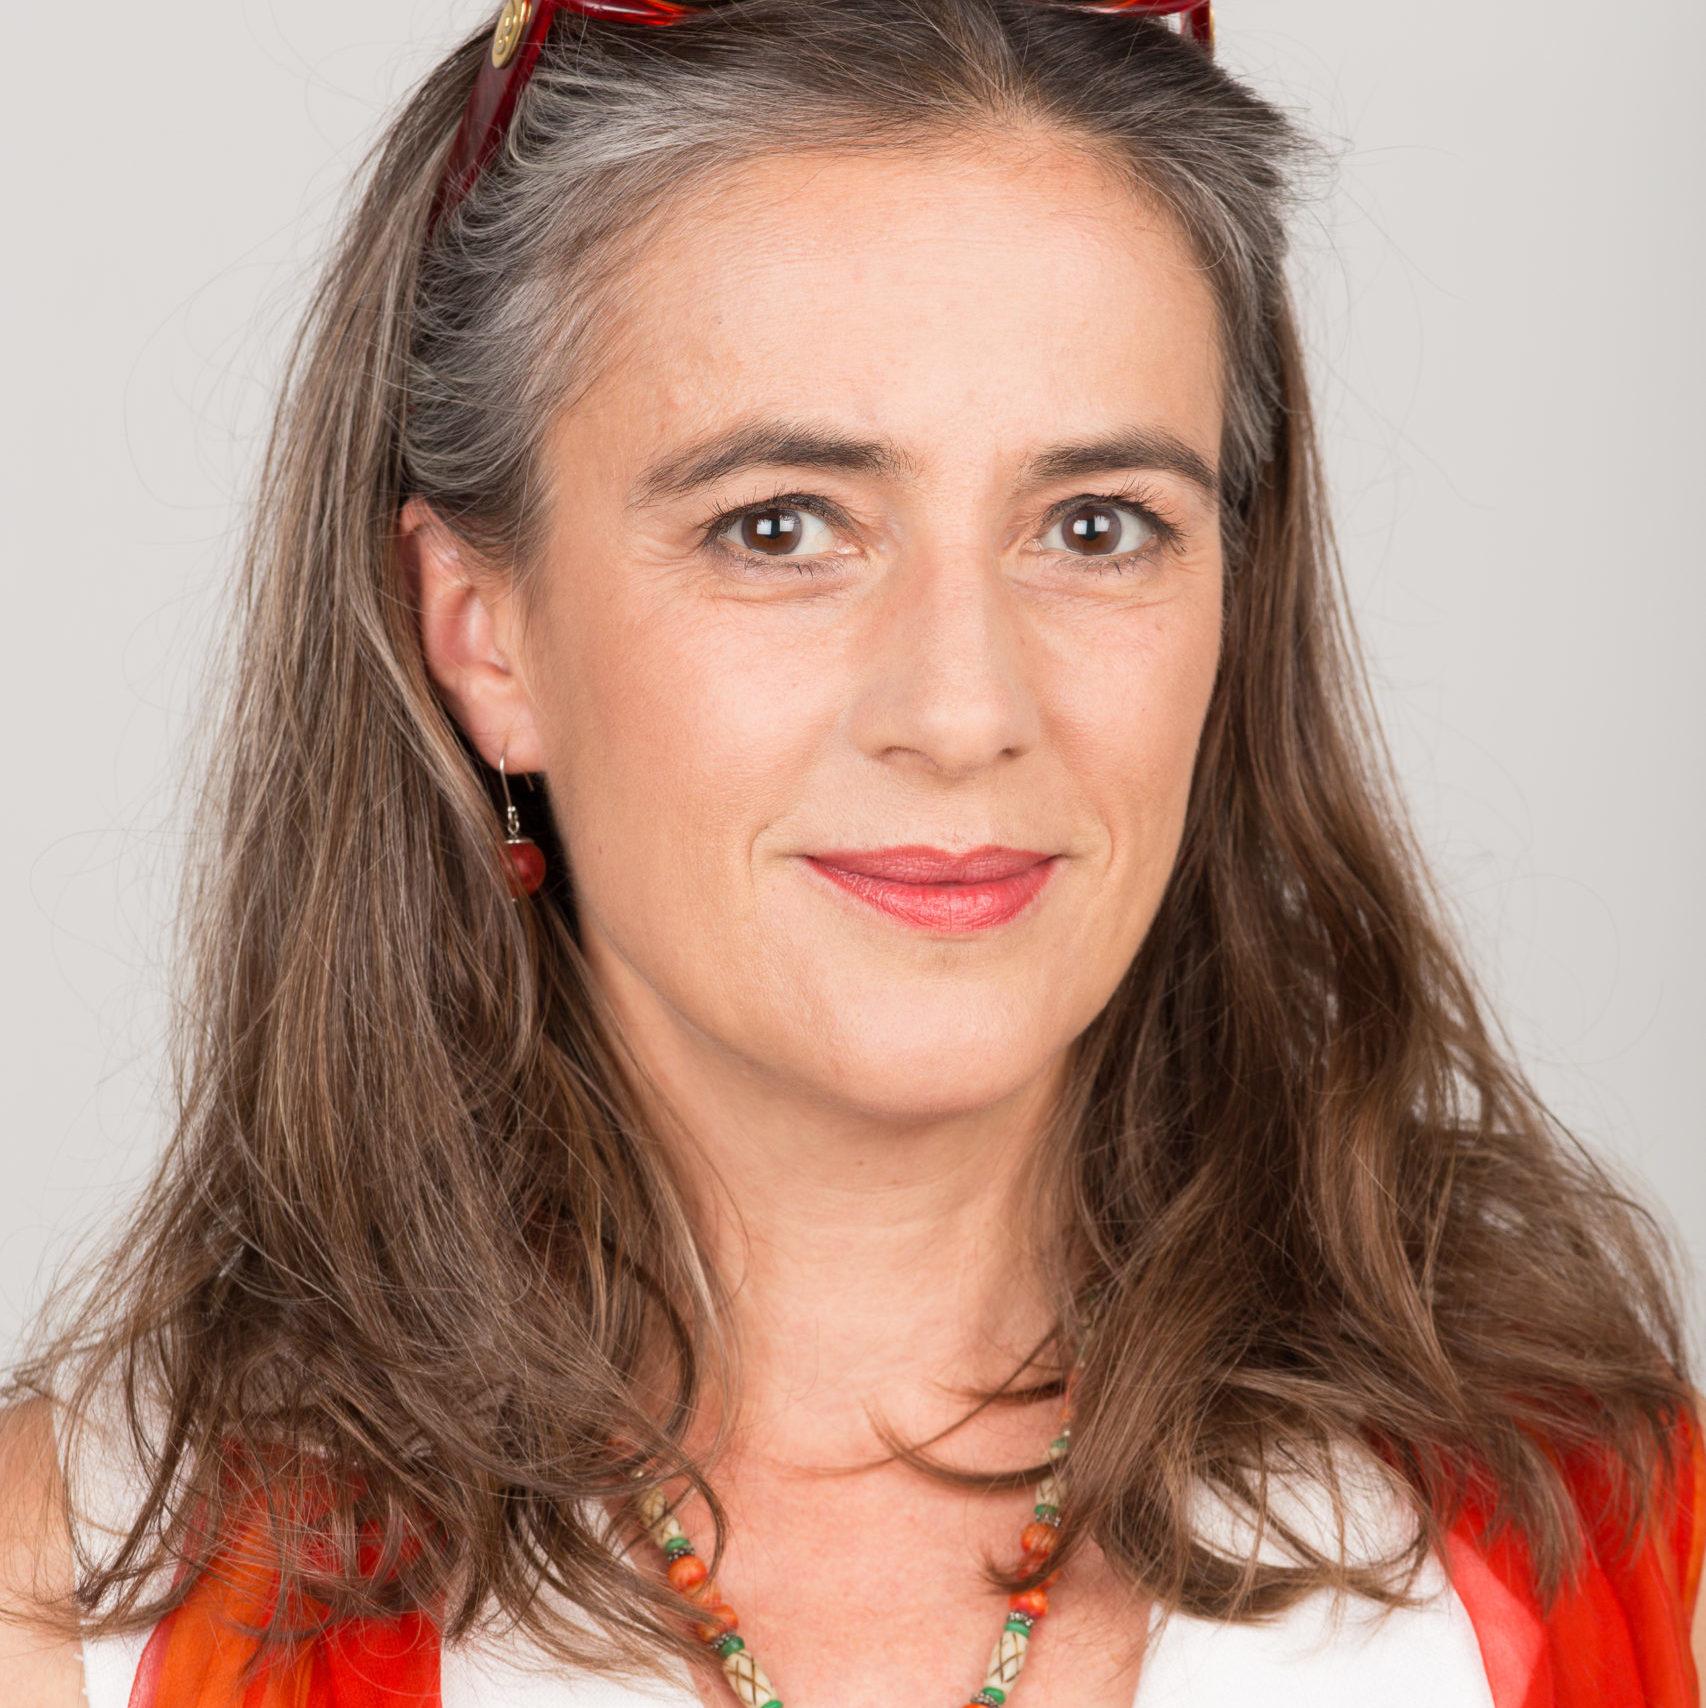 Mercedes Echerer, österreichische Bühnen- und Filmschauspielerin sowie Radio- und Fernseh-Moderatorin